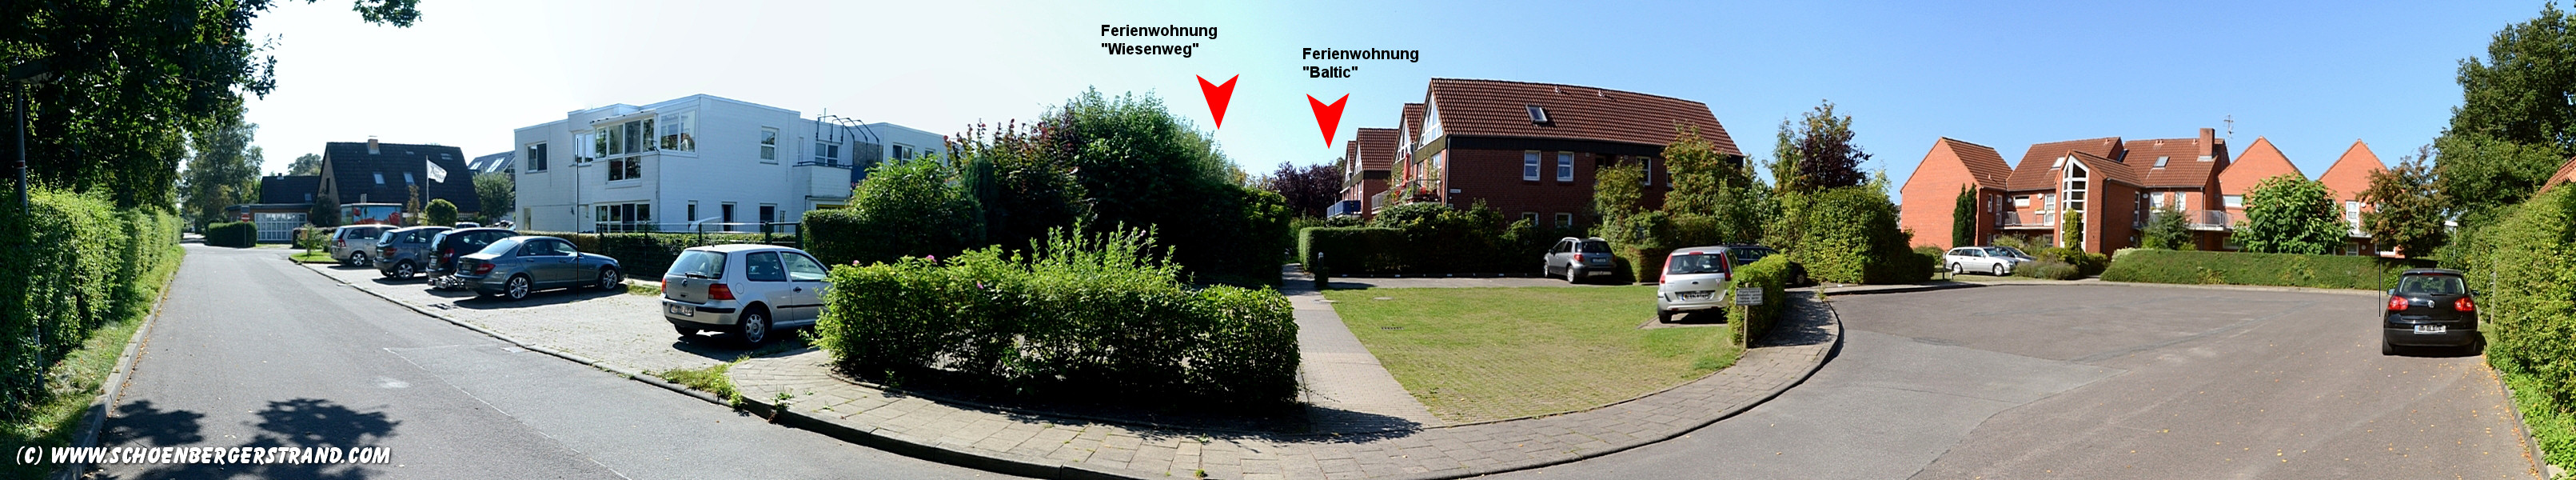 Ferienwohnungen Wiesenweg und Eschenweg am Schönberger Strand